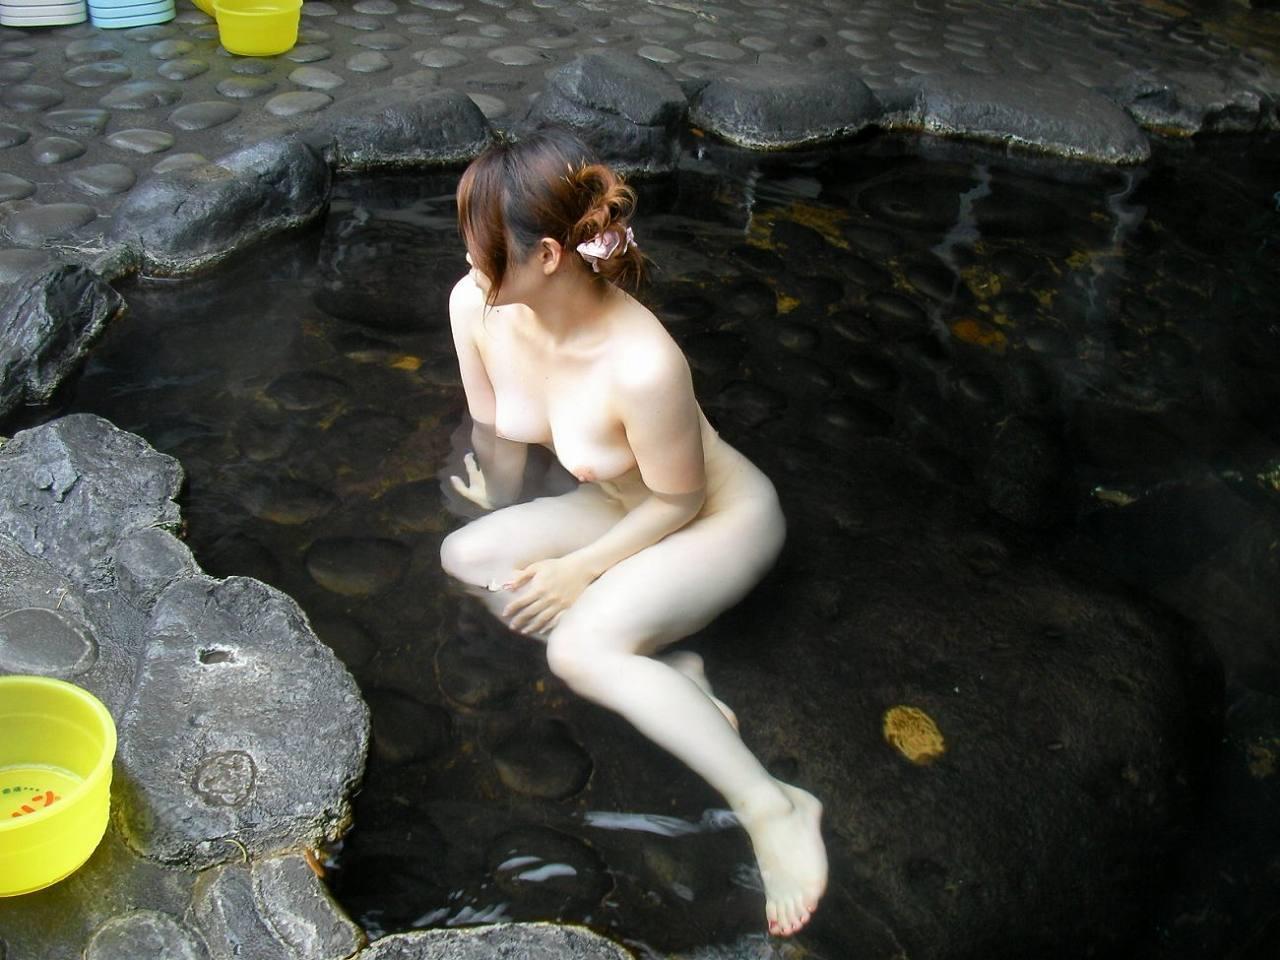 【露天風呂エロ画像】行けば見放題!混浴温泉の豊穣女体を激写www 22